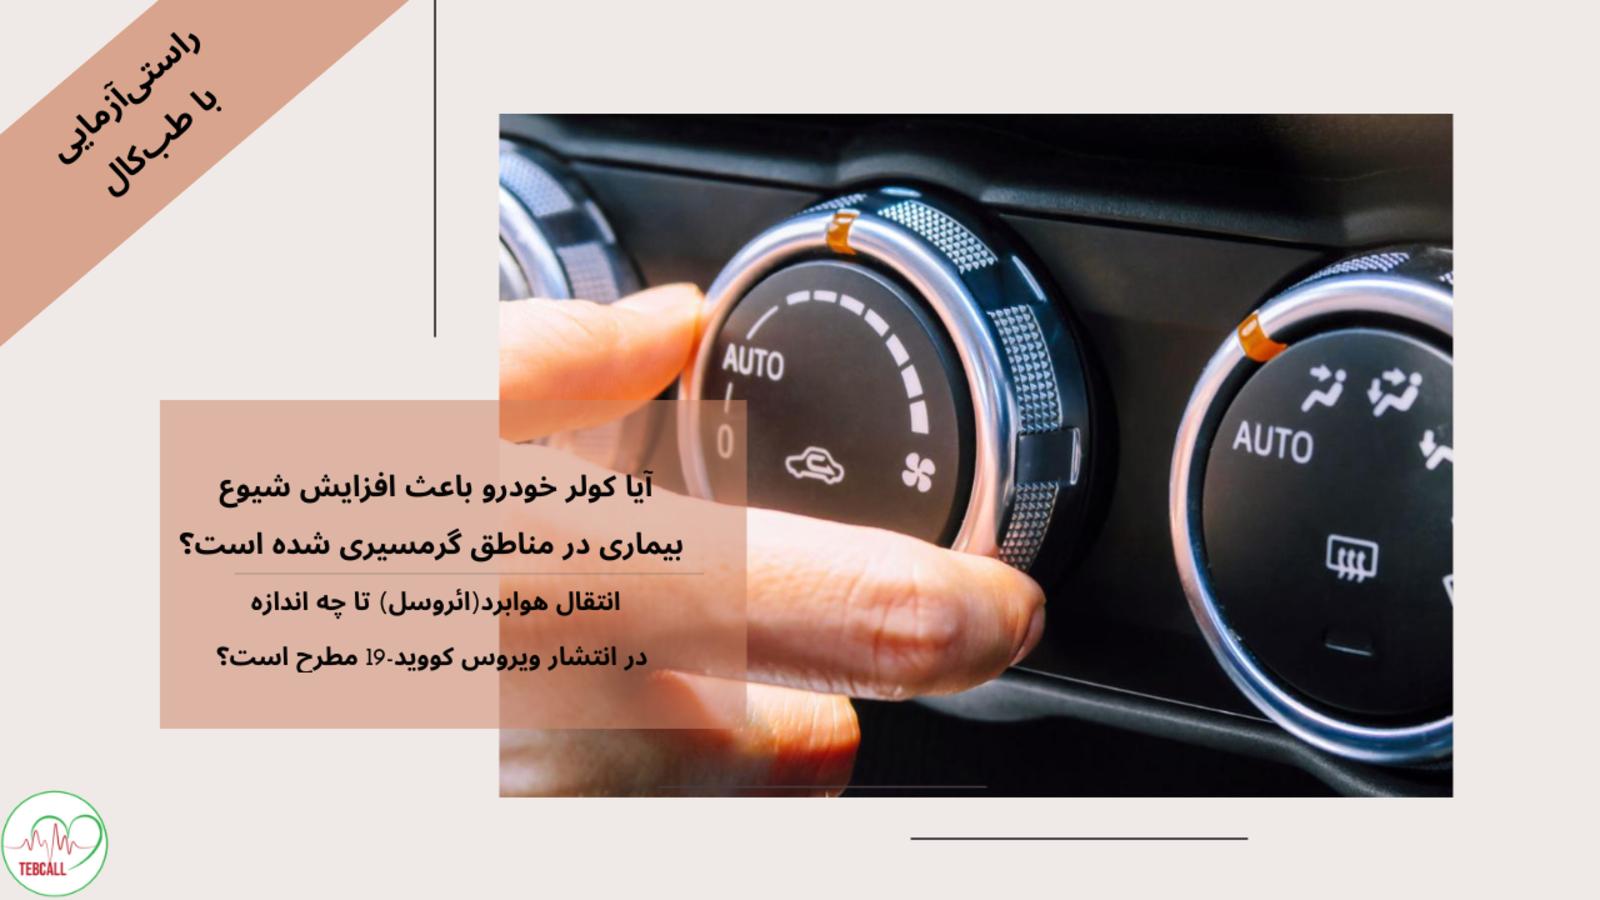 آیا کولر خودرو باعث افزایش شیوع بیماری در مناطق گرمسیری شده است؟